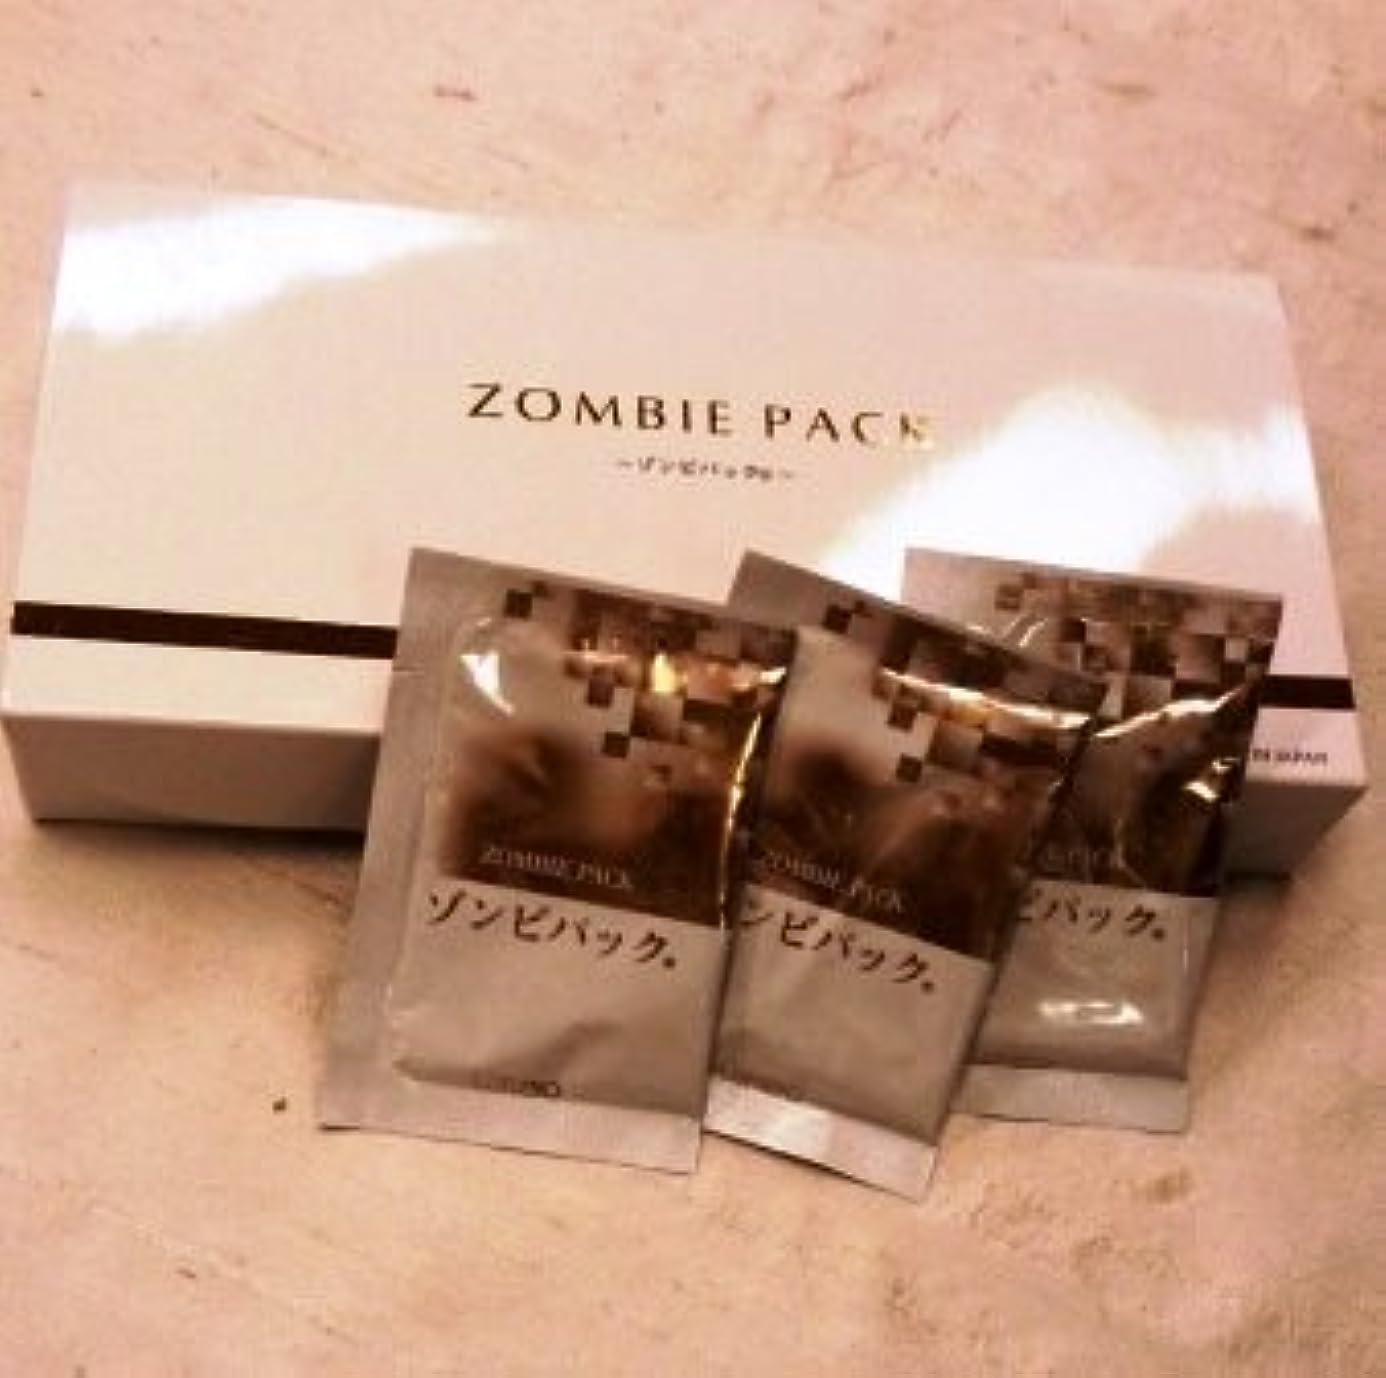 偶然の甘味魅了するルリビオ ゾンビパックPタイプ(5g×15袋)+3袋増量